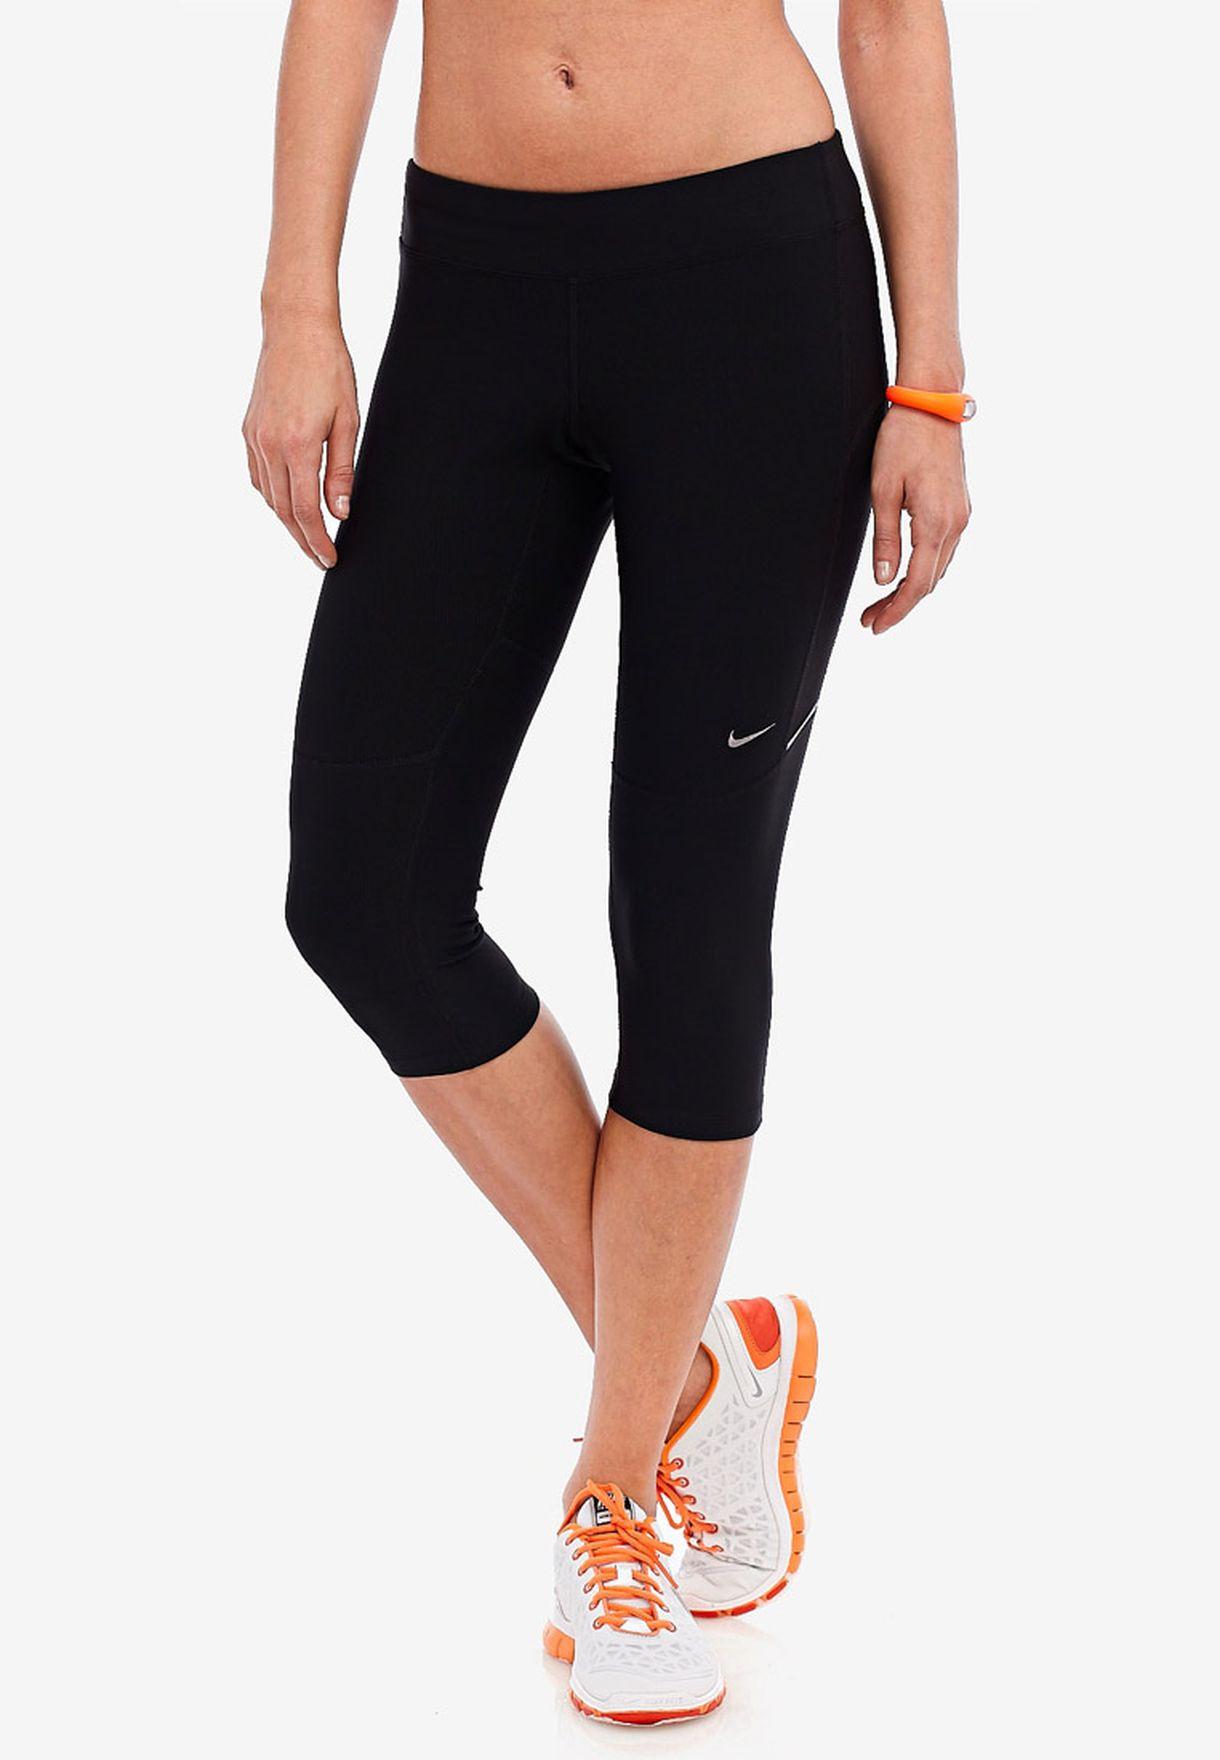 ellos Deducir Recoger hojas  Buy Nike black Filament Capri for Women in MENA, Worldwide | 519841-010